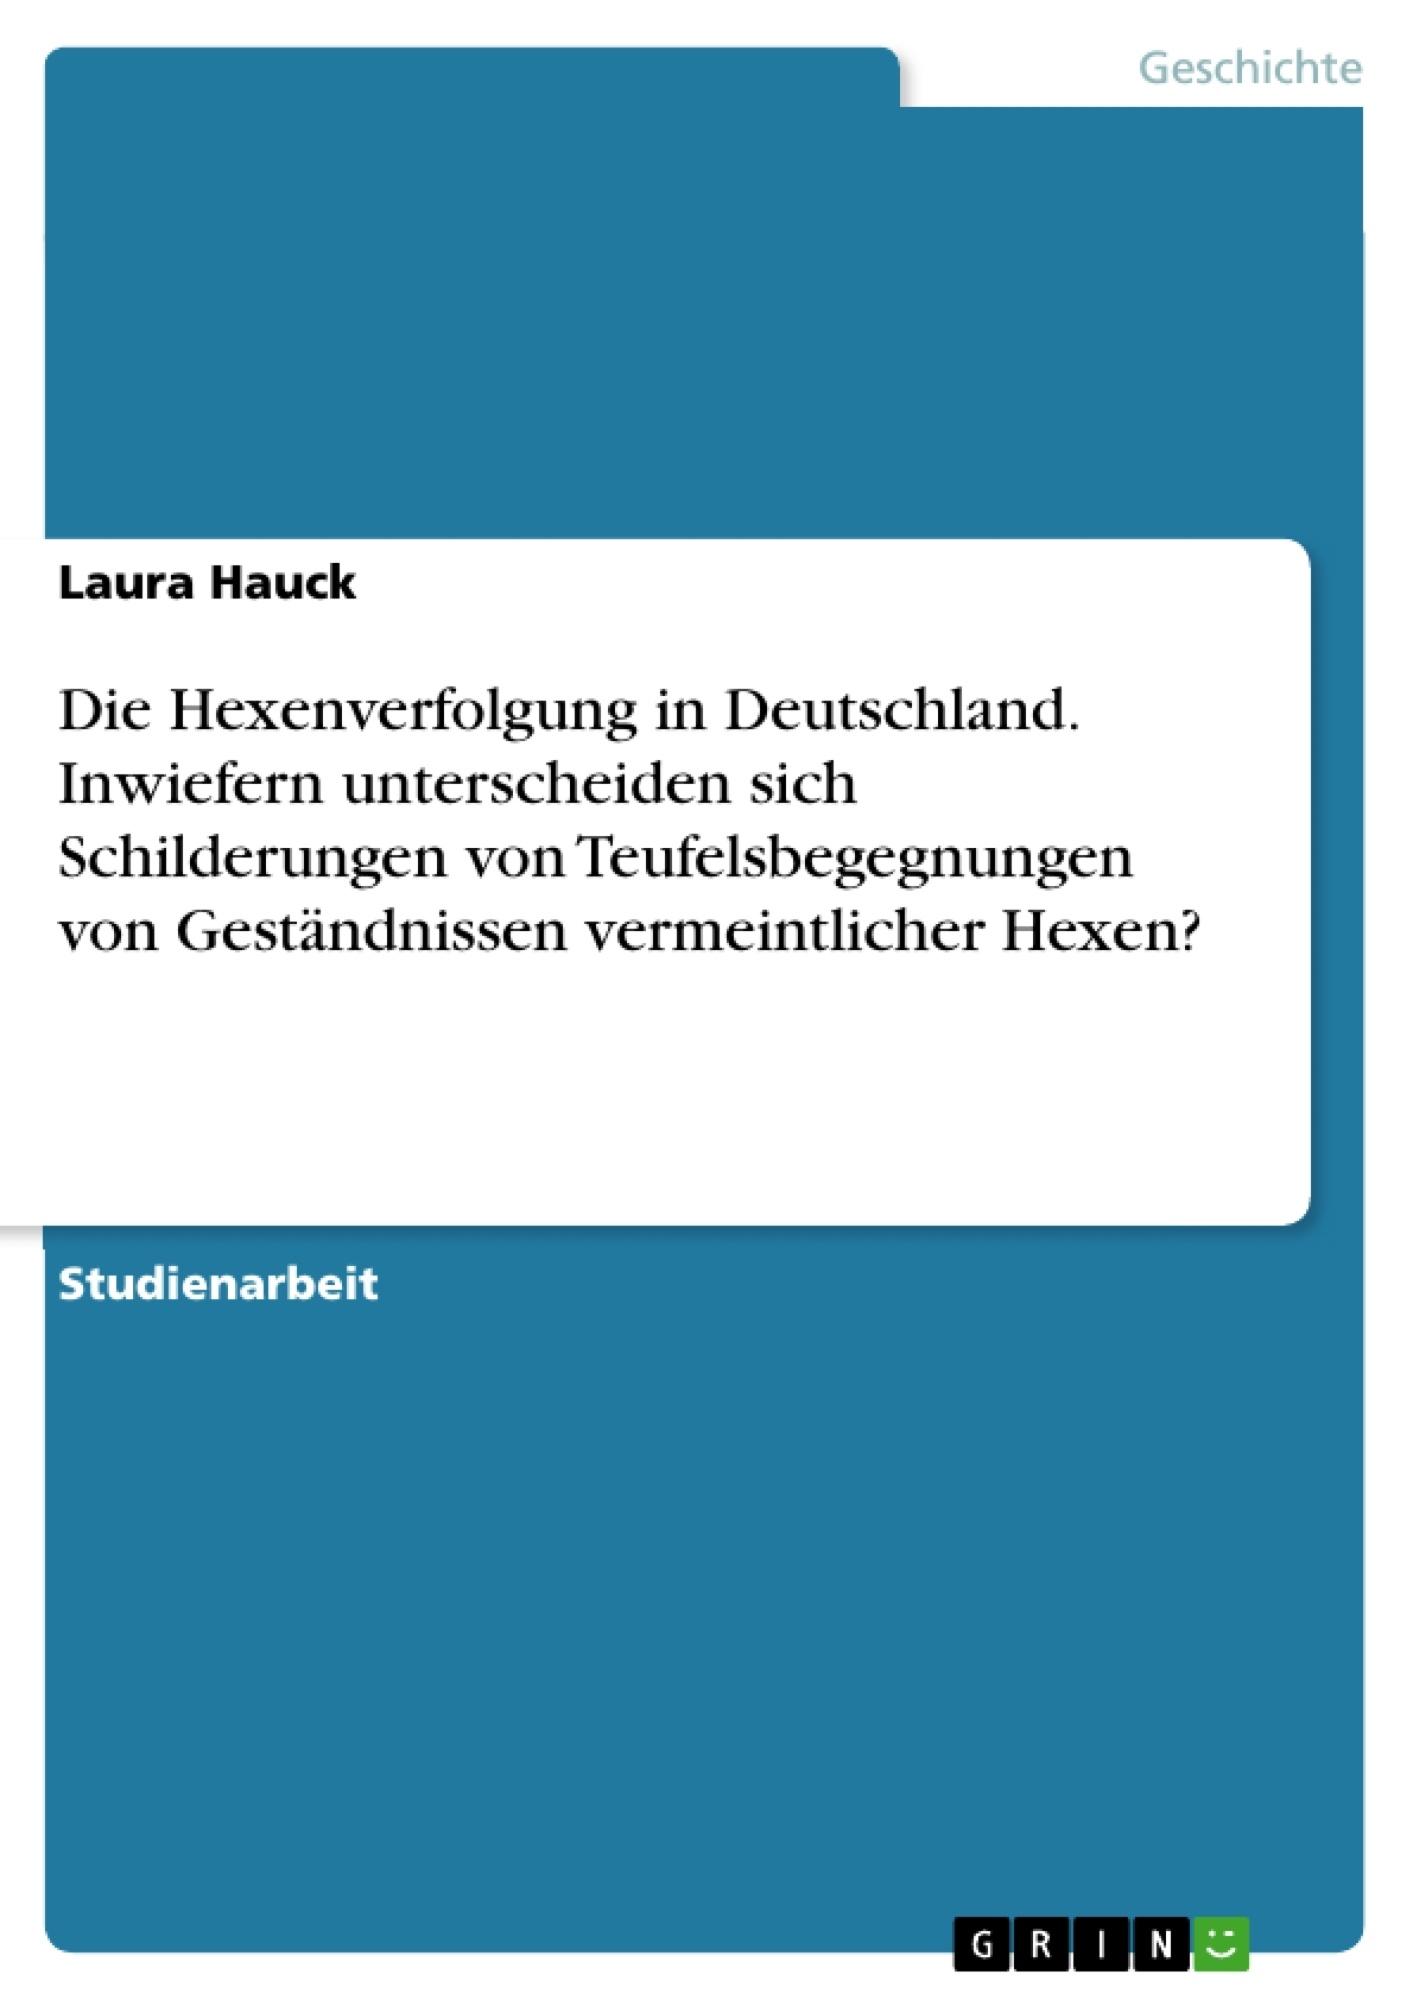 Titel: Die Hexenverfolgung in Deutschland. Inwiefern unterscheiden sich Schilderungen von Teufelsbegegnungen von Geständnissen vermeintlicher Hexen?